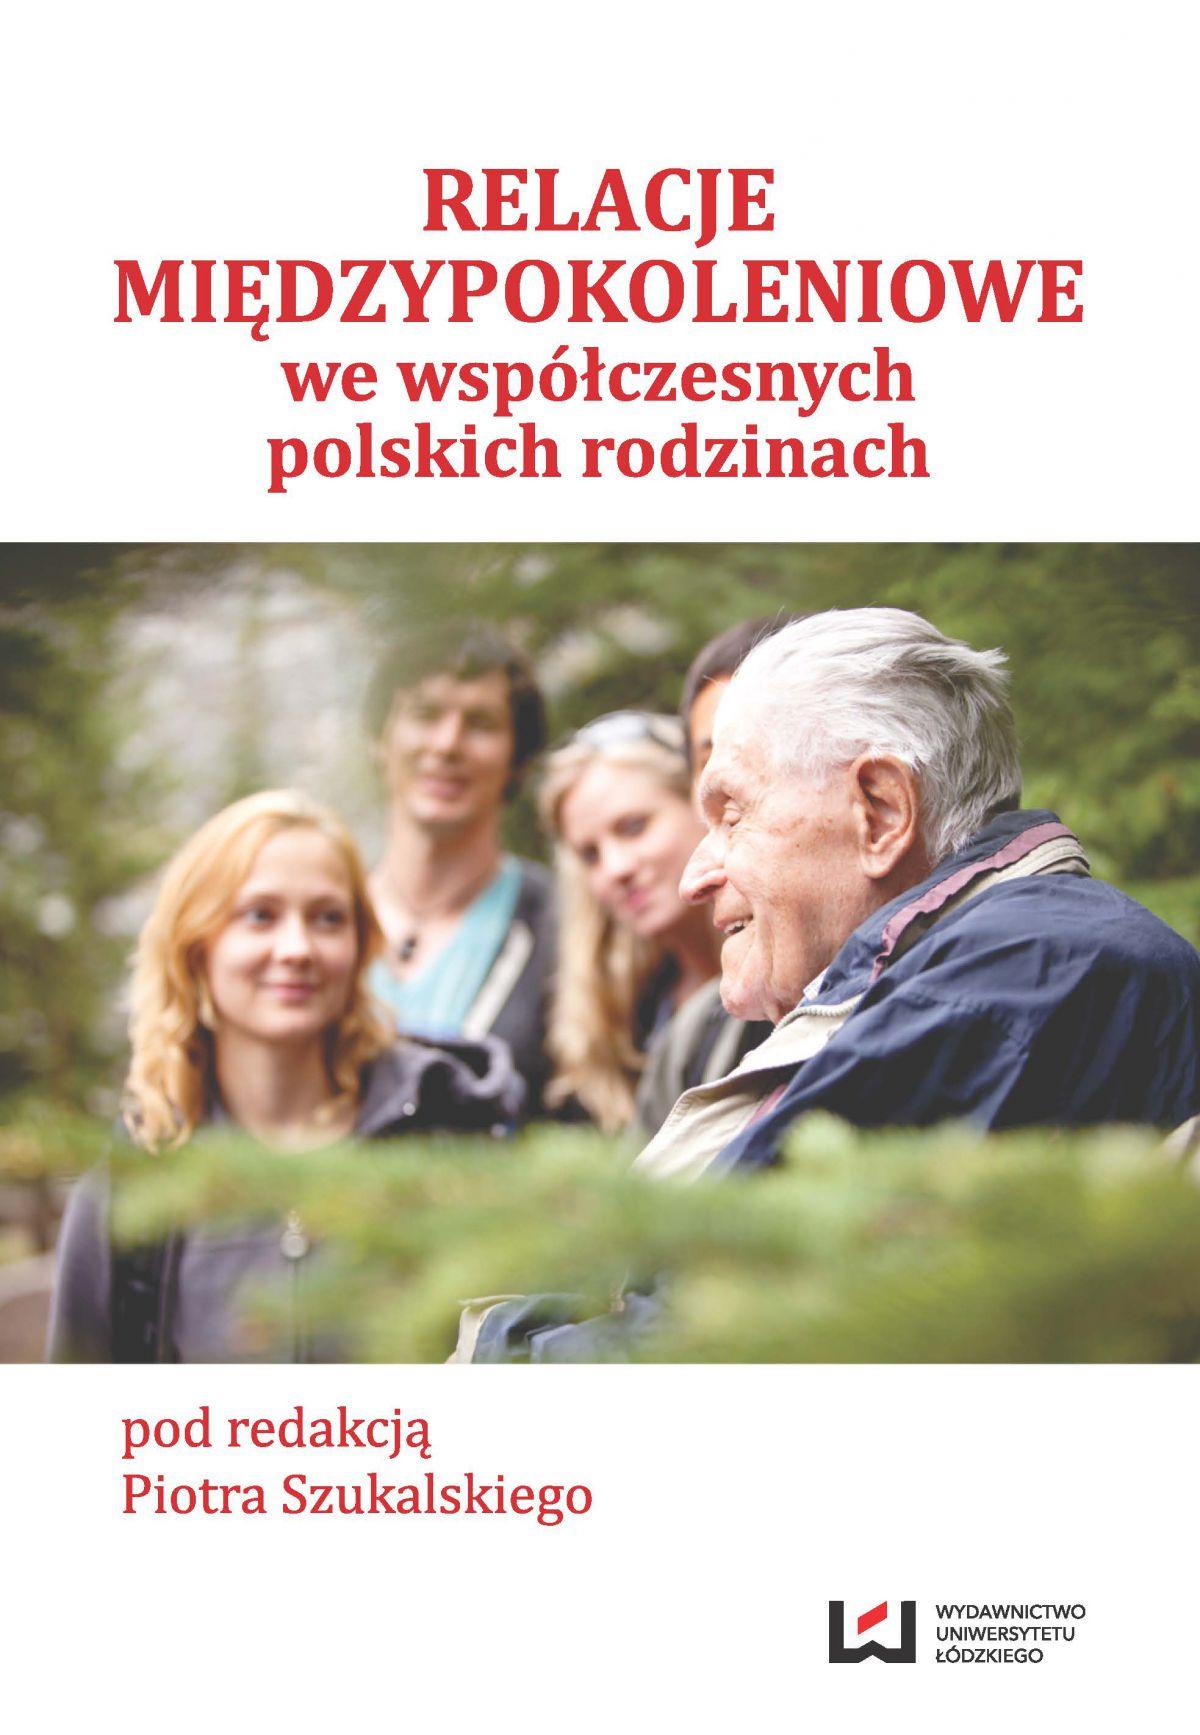 Relacje międzypokoleniowe we współczesnych polskich rodzinach - Ebook (Książka PDF) do pobrania w formacie PDF